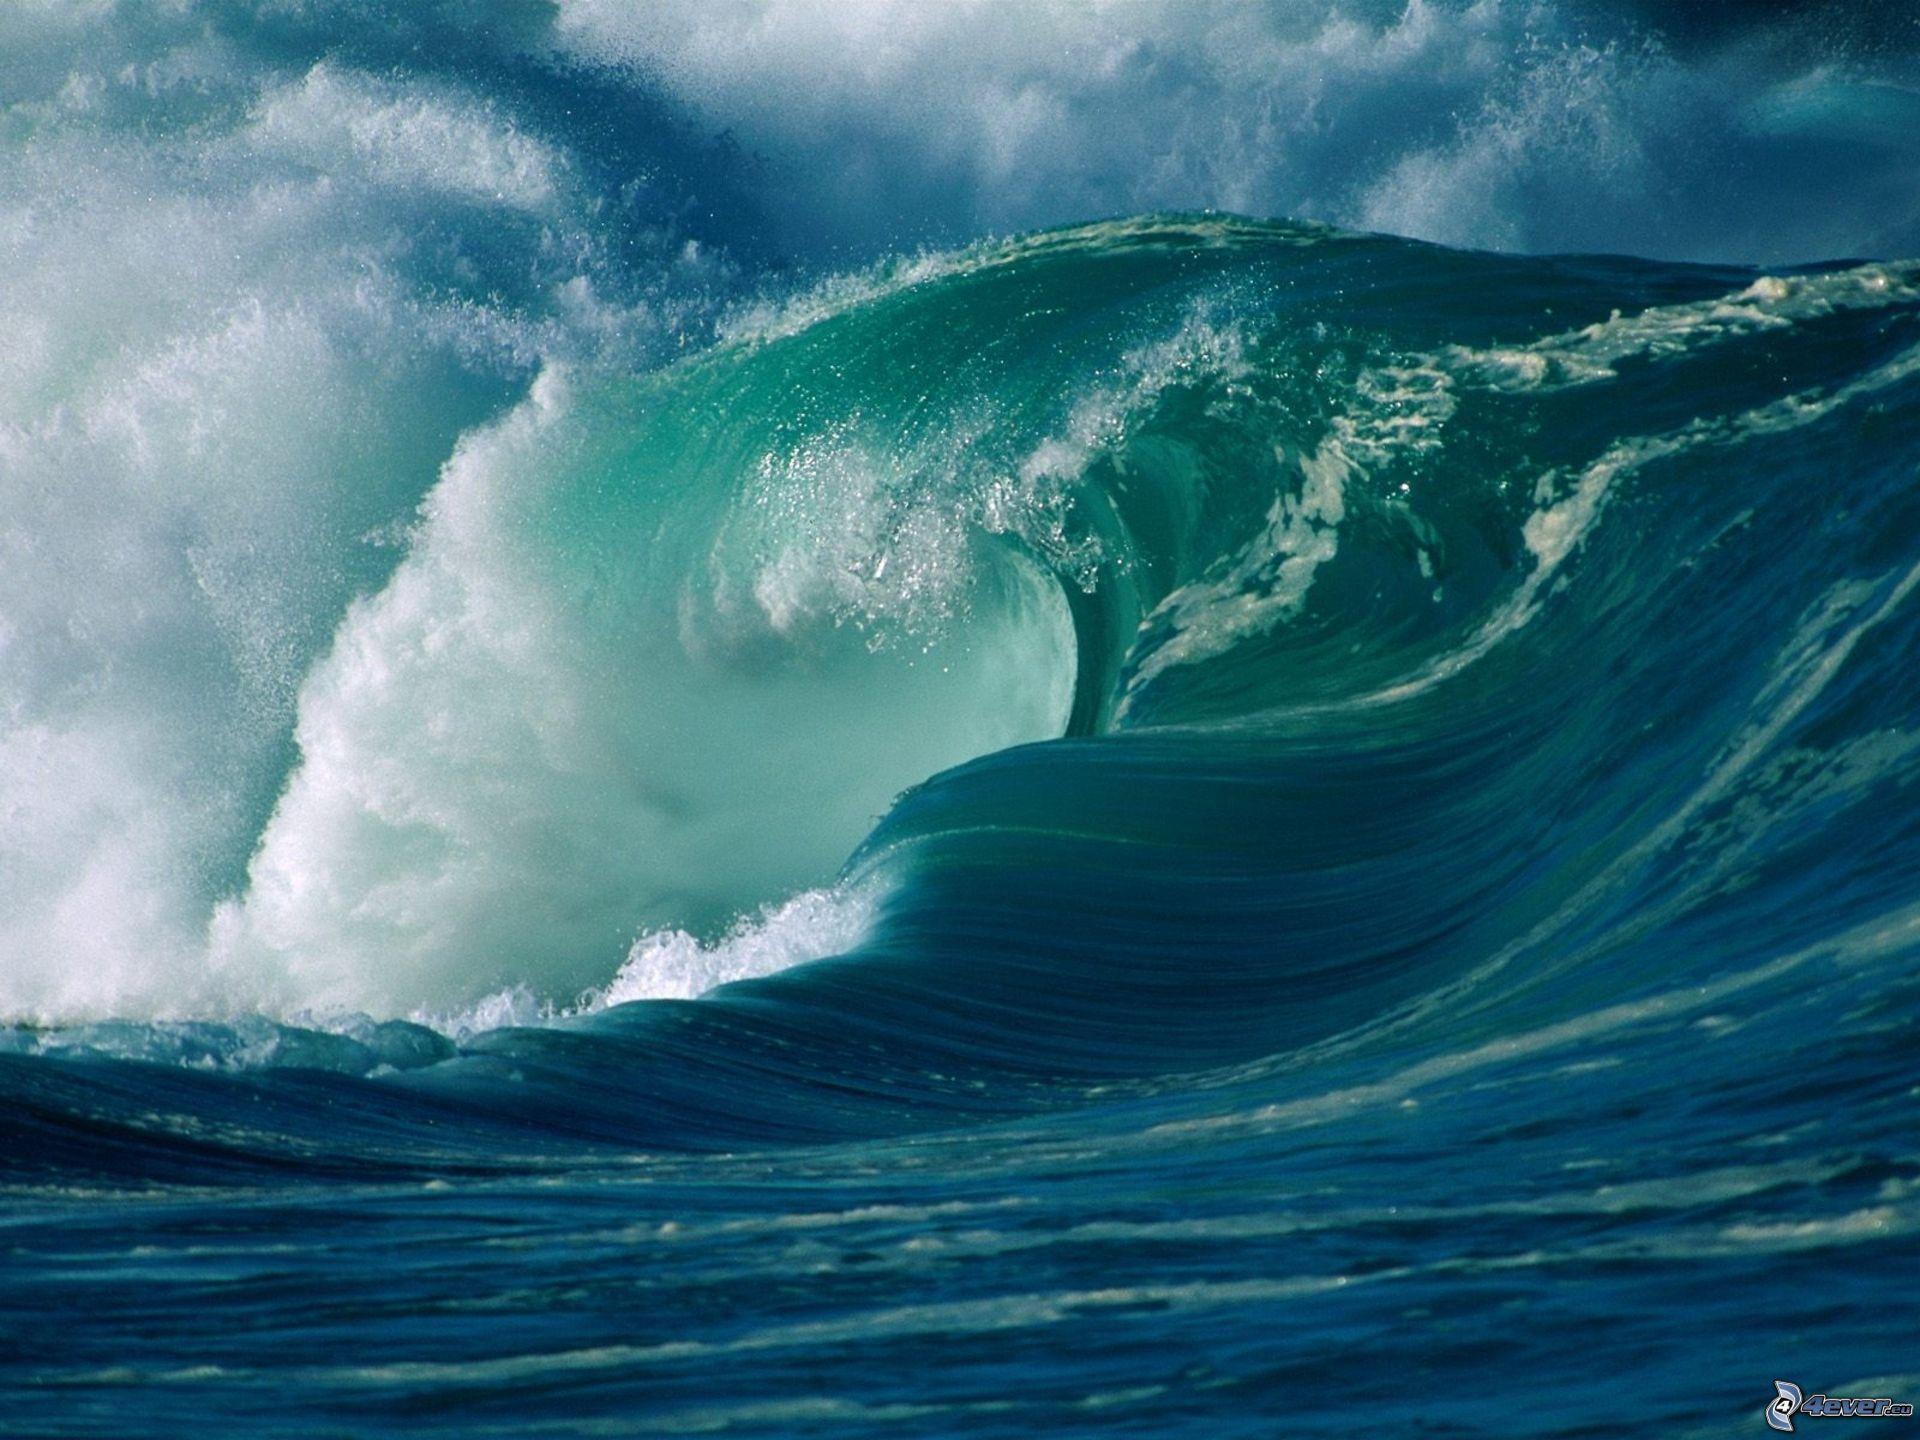 Nell'Oceano Atlantico scoperta una falda acquifera di acqua dolce risalente all'era glaciale